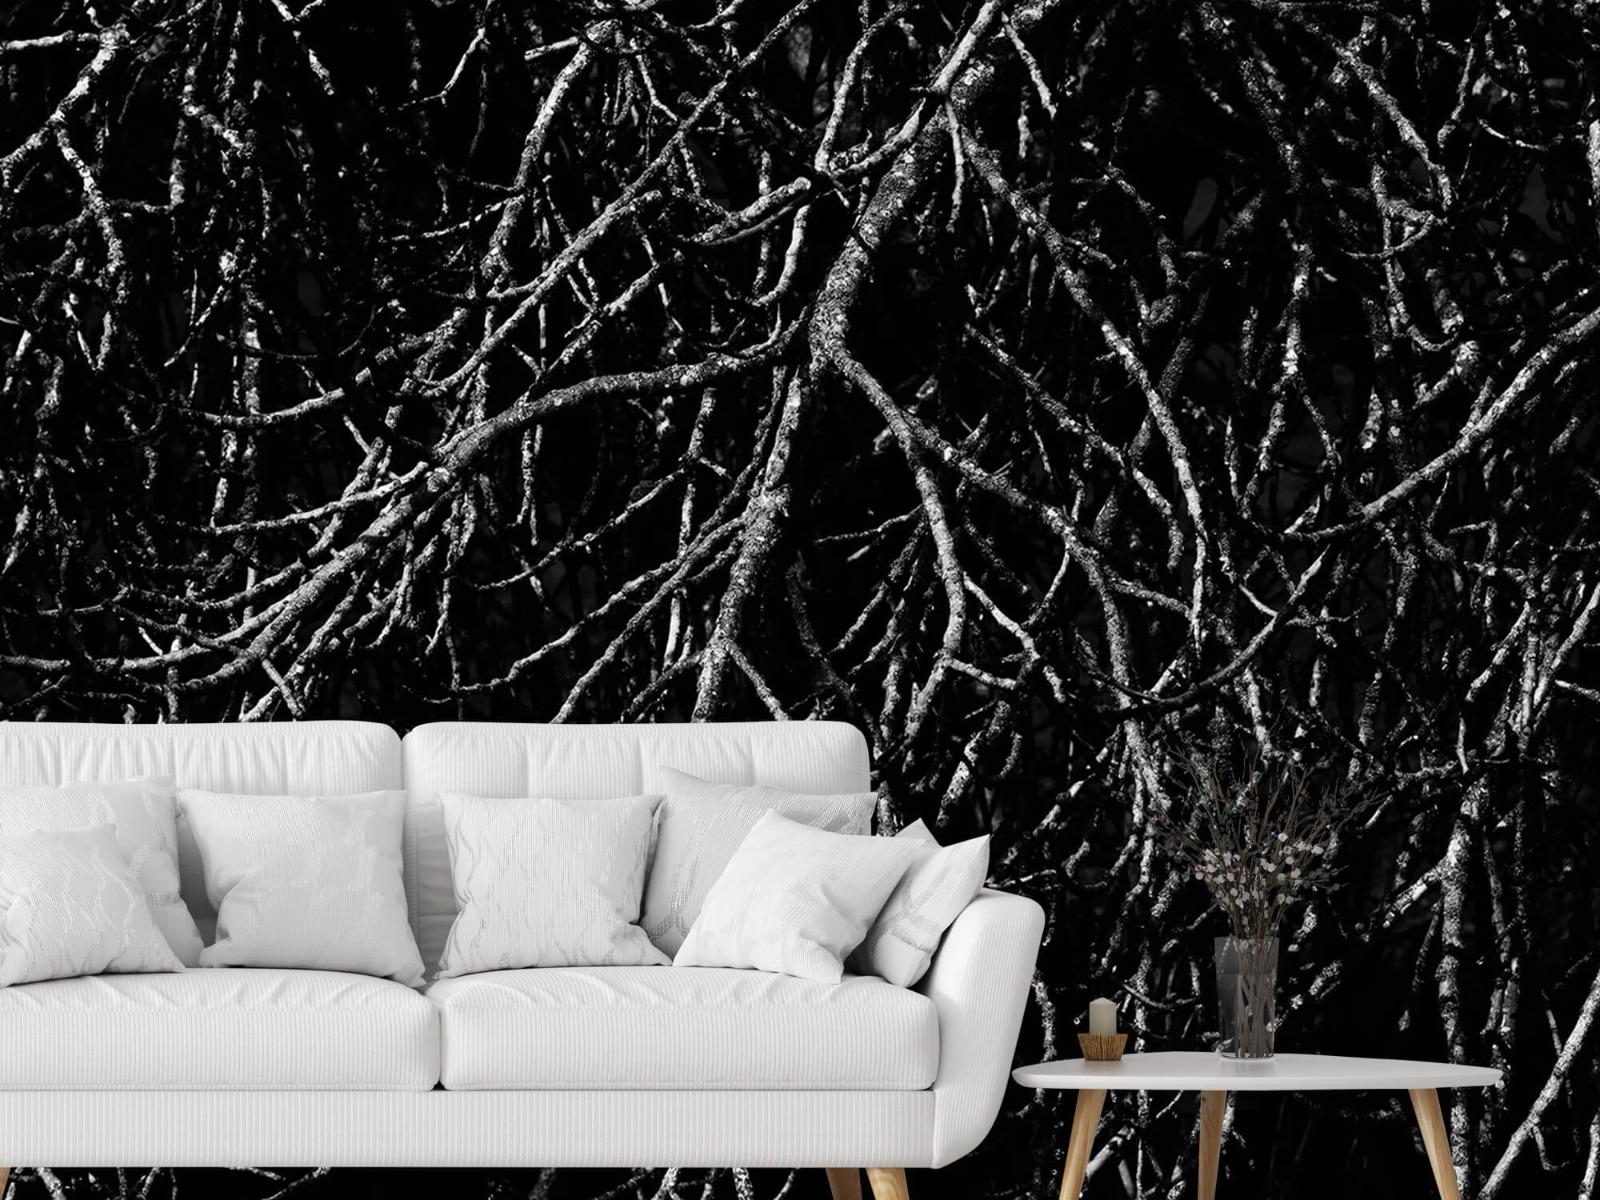 Zwart Wit behang - Boomtakken in zwart wit - Magazijn 3